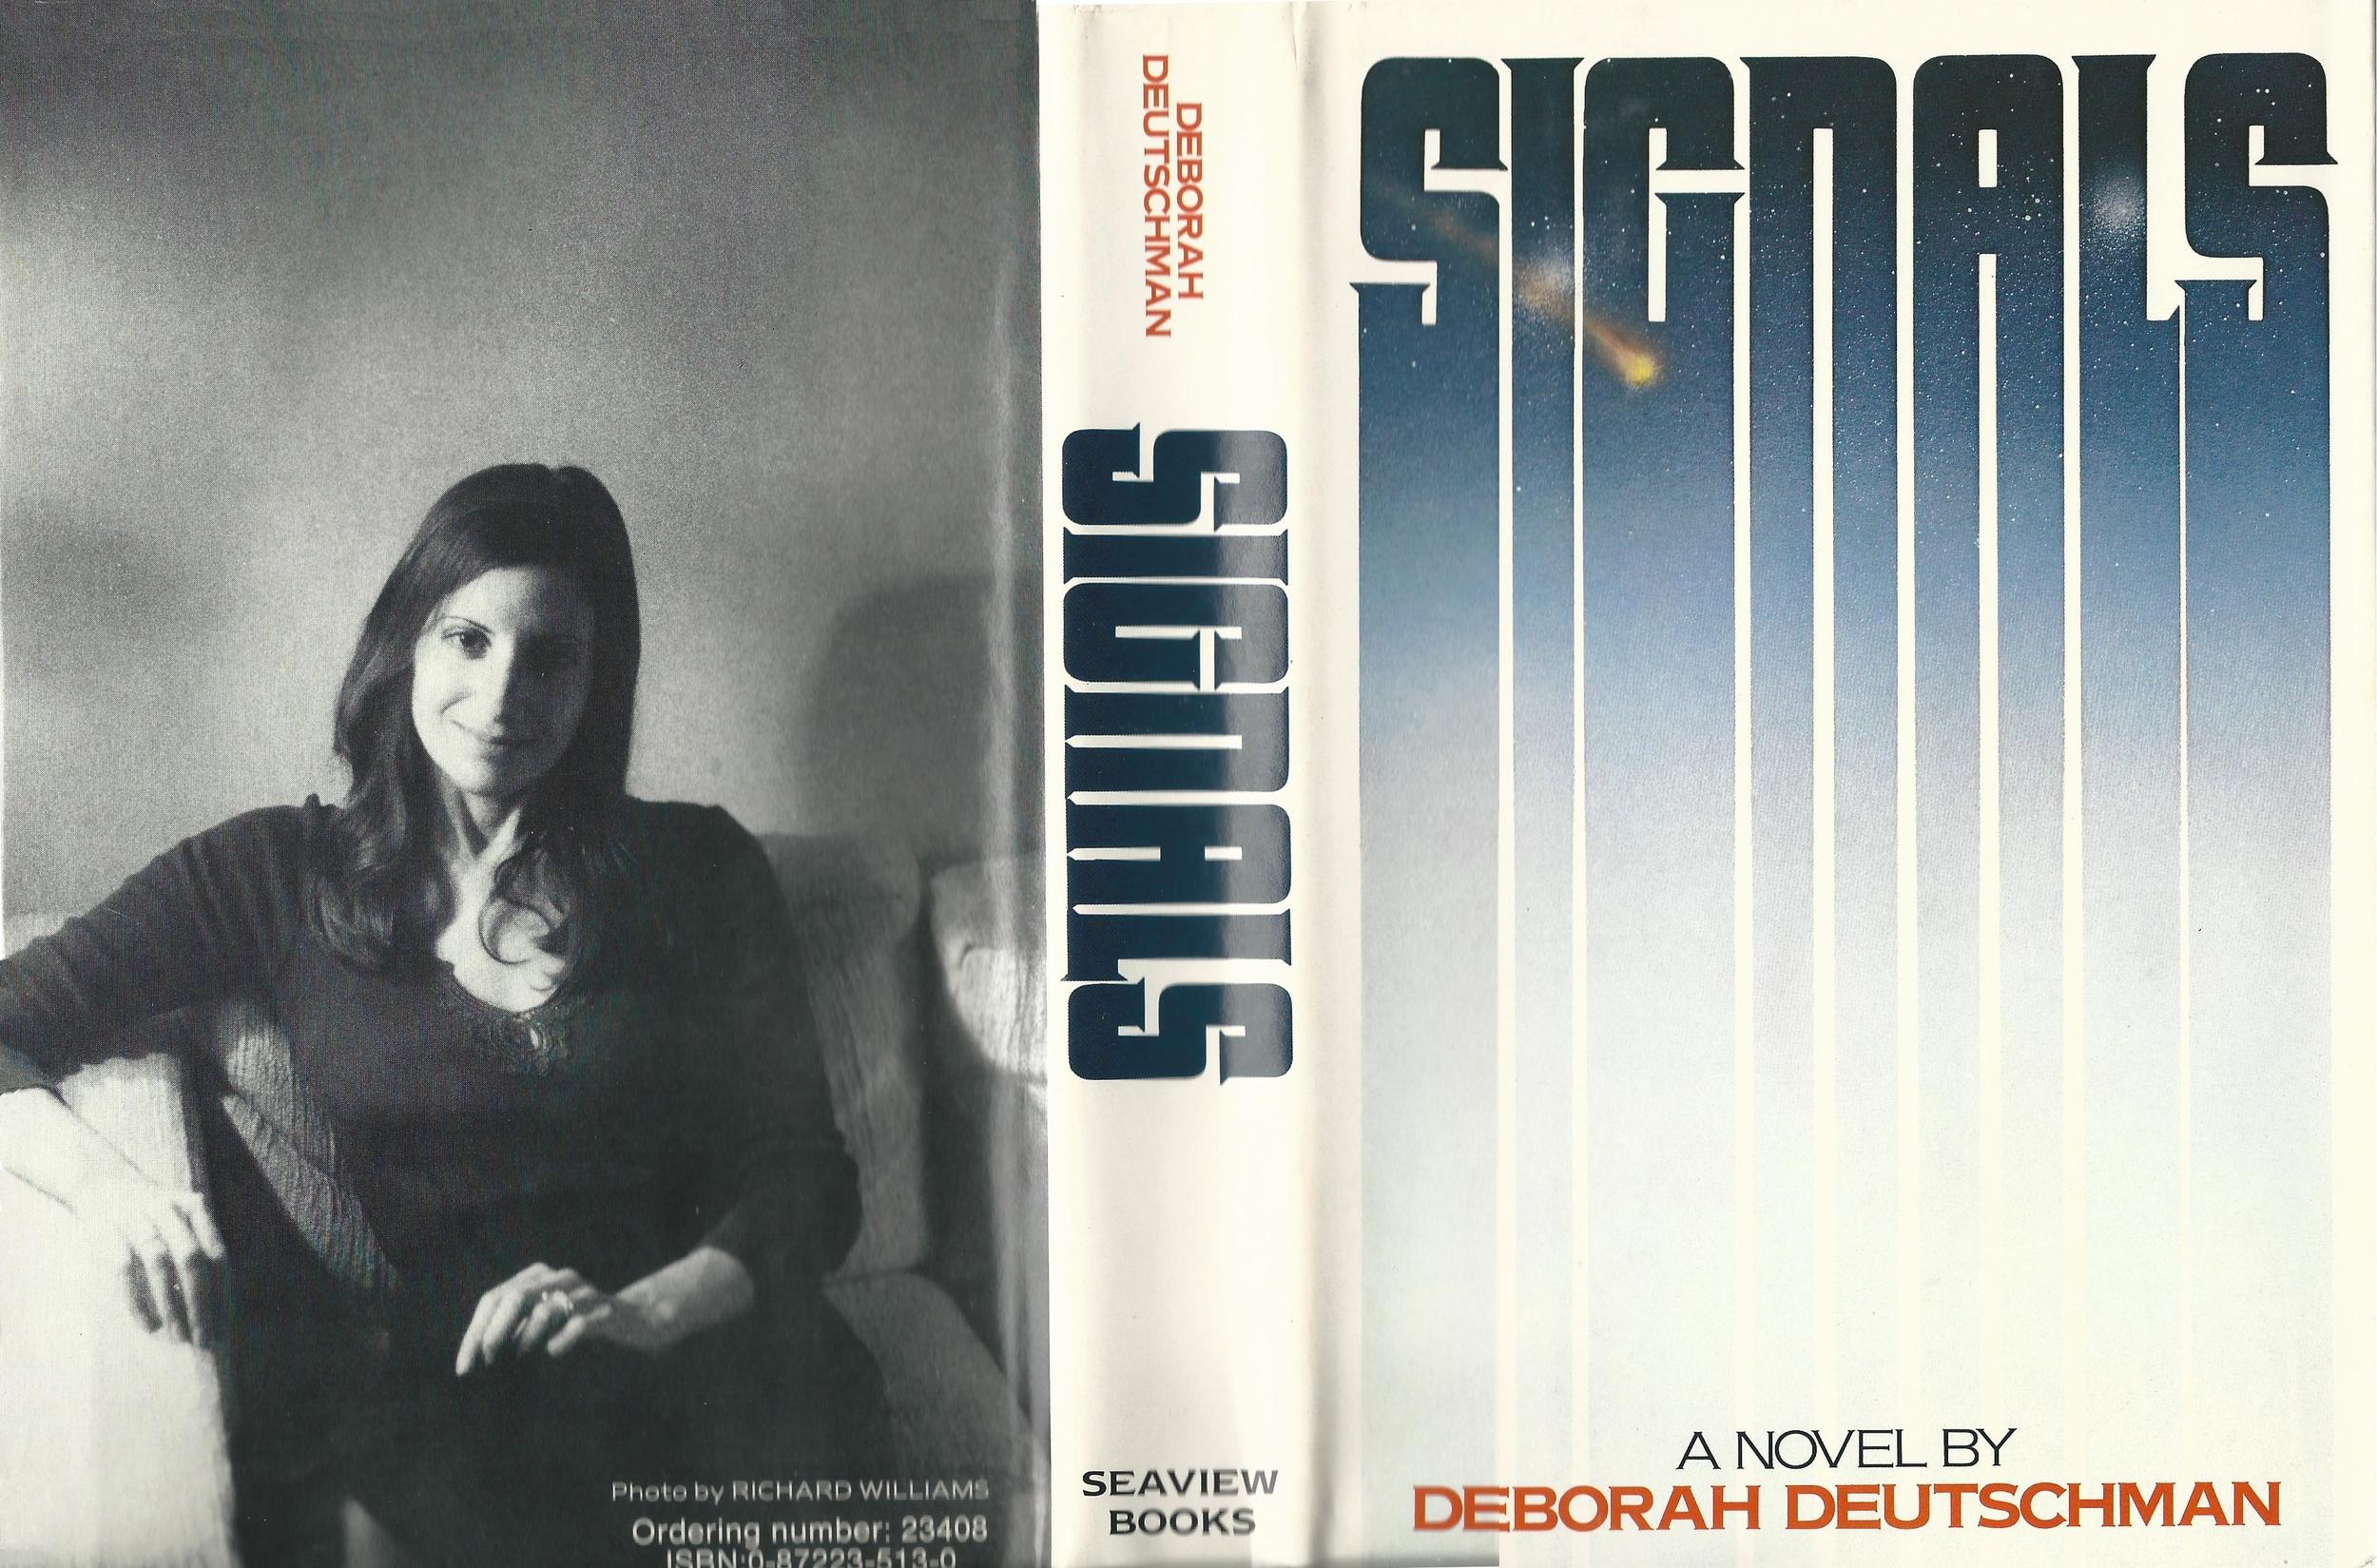 Deborah Deutschman